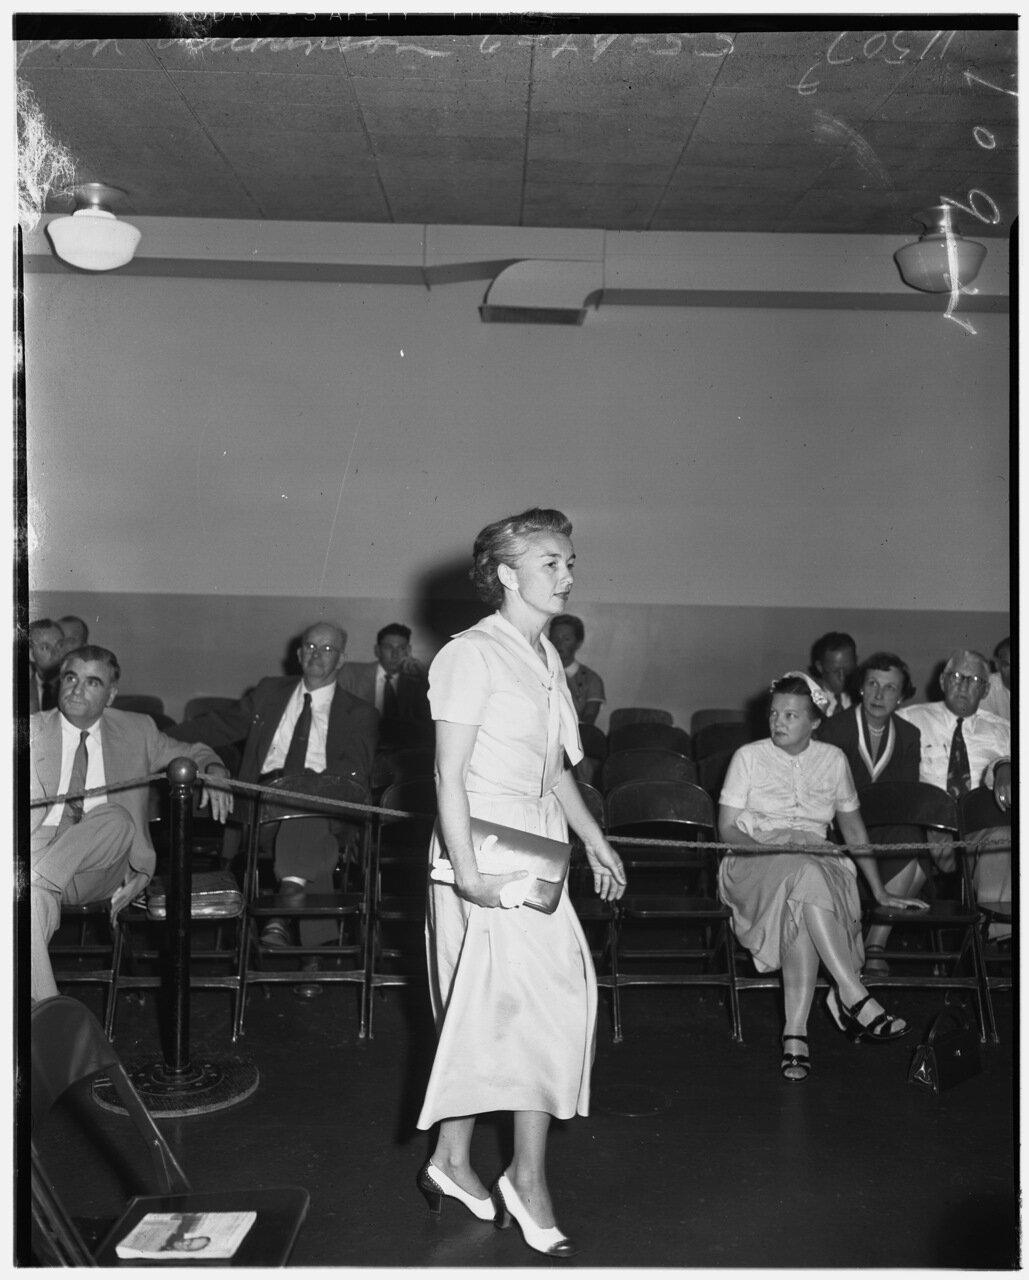 1955. 29 июня. Комиссия по расследованию антиамериканской деятельности. Ирэн Бауэрман